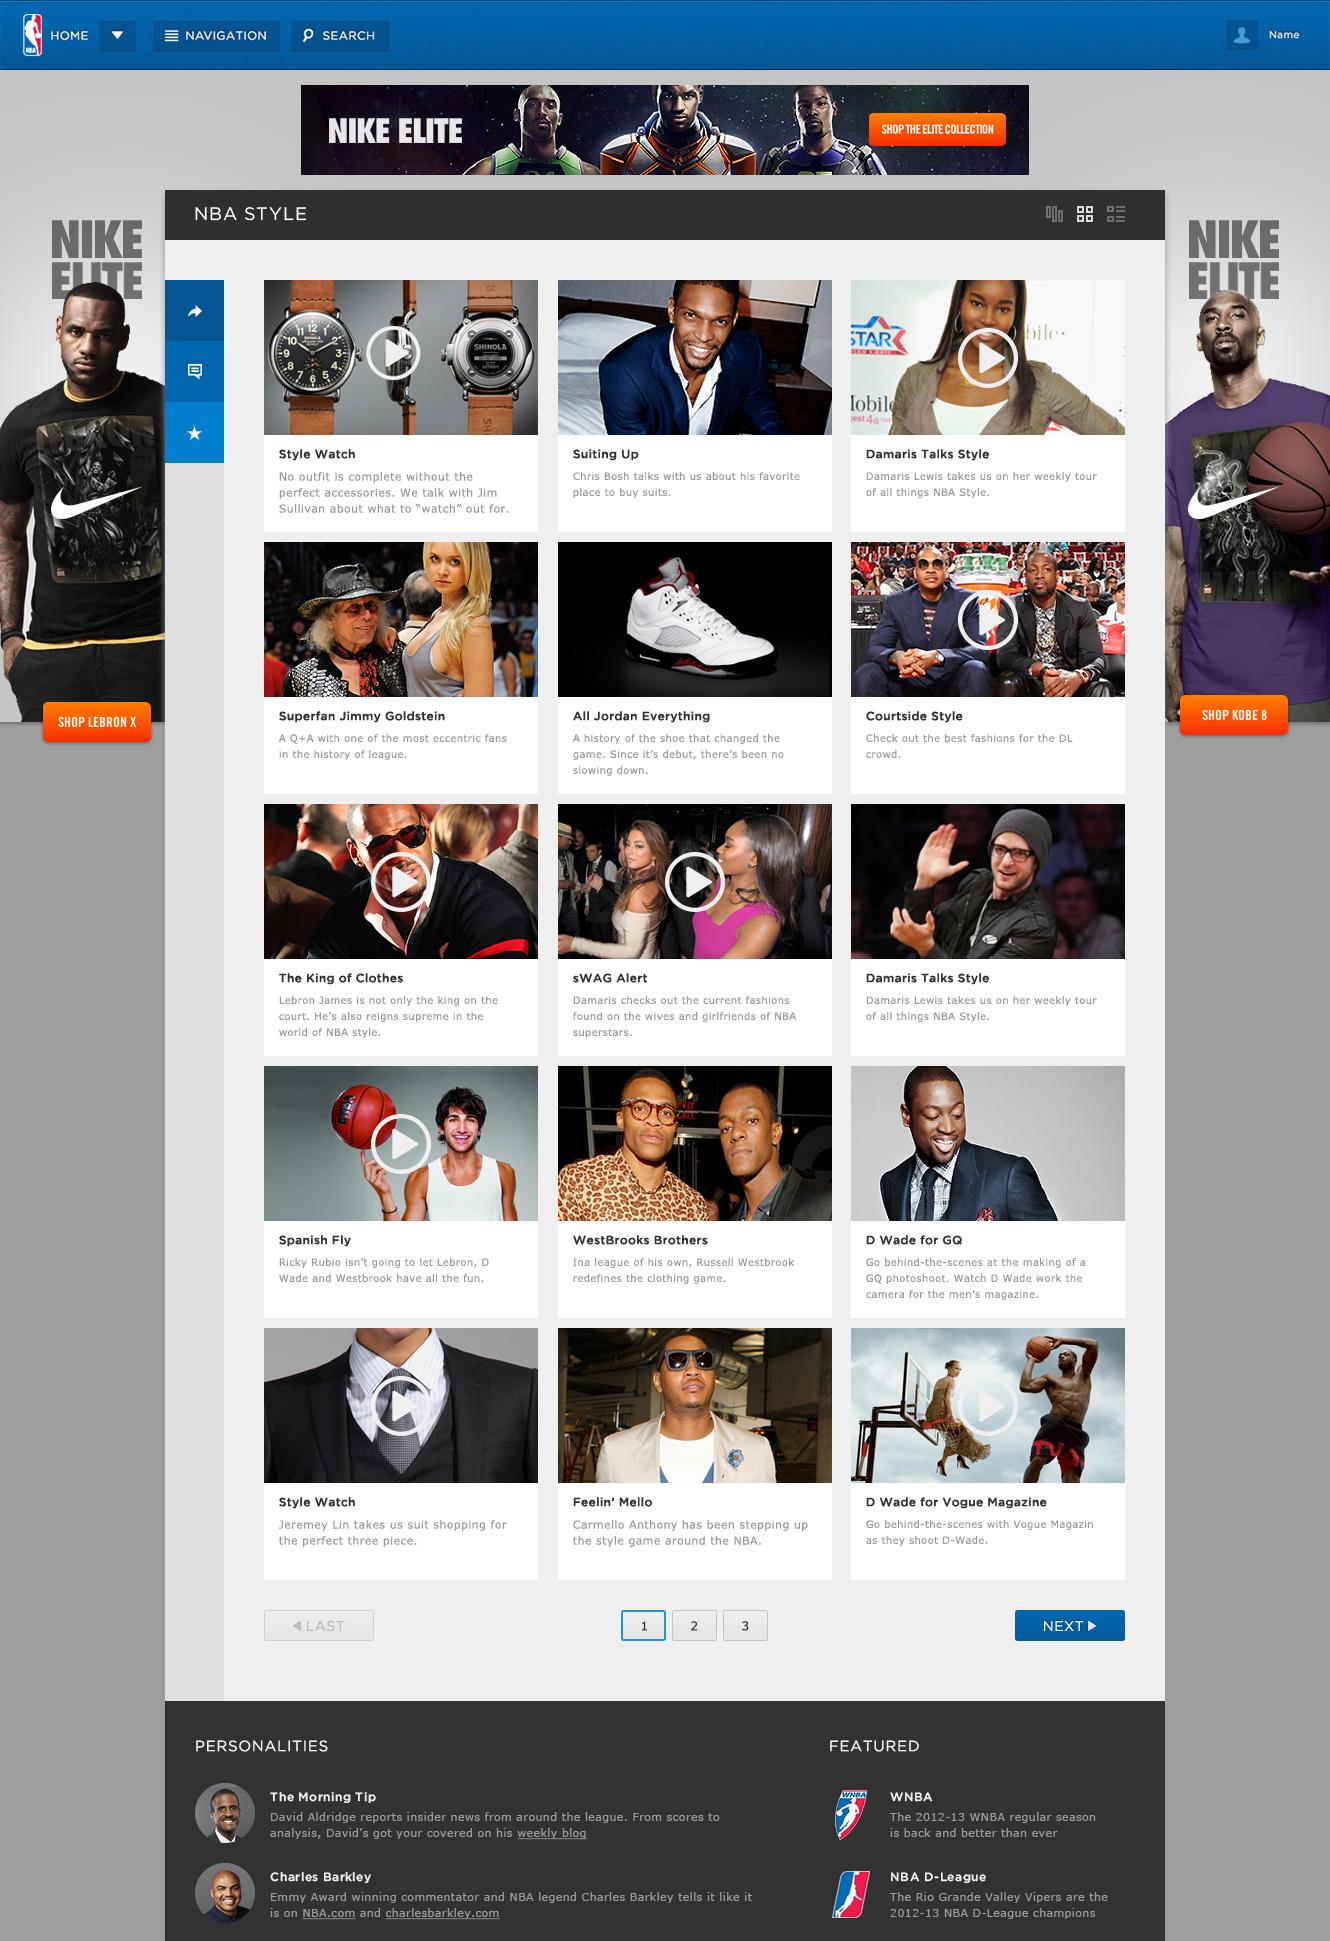 NBAcom_Redesign_Style_Main_Tiles_Sponsored_V1.jpg